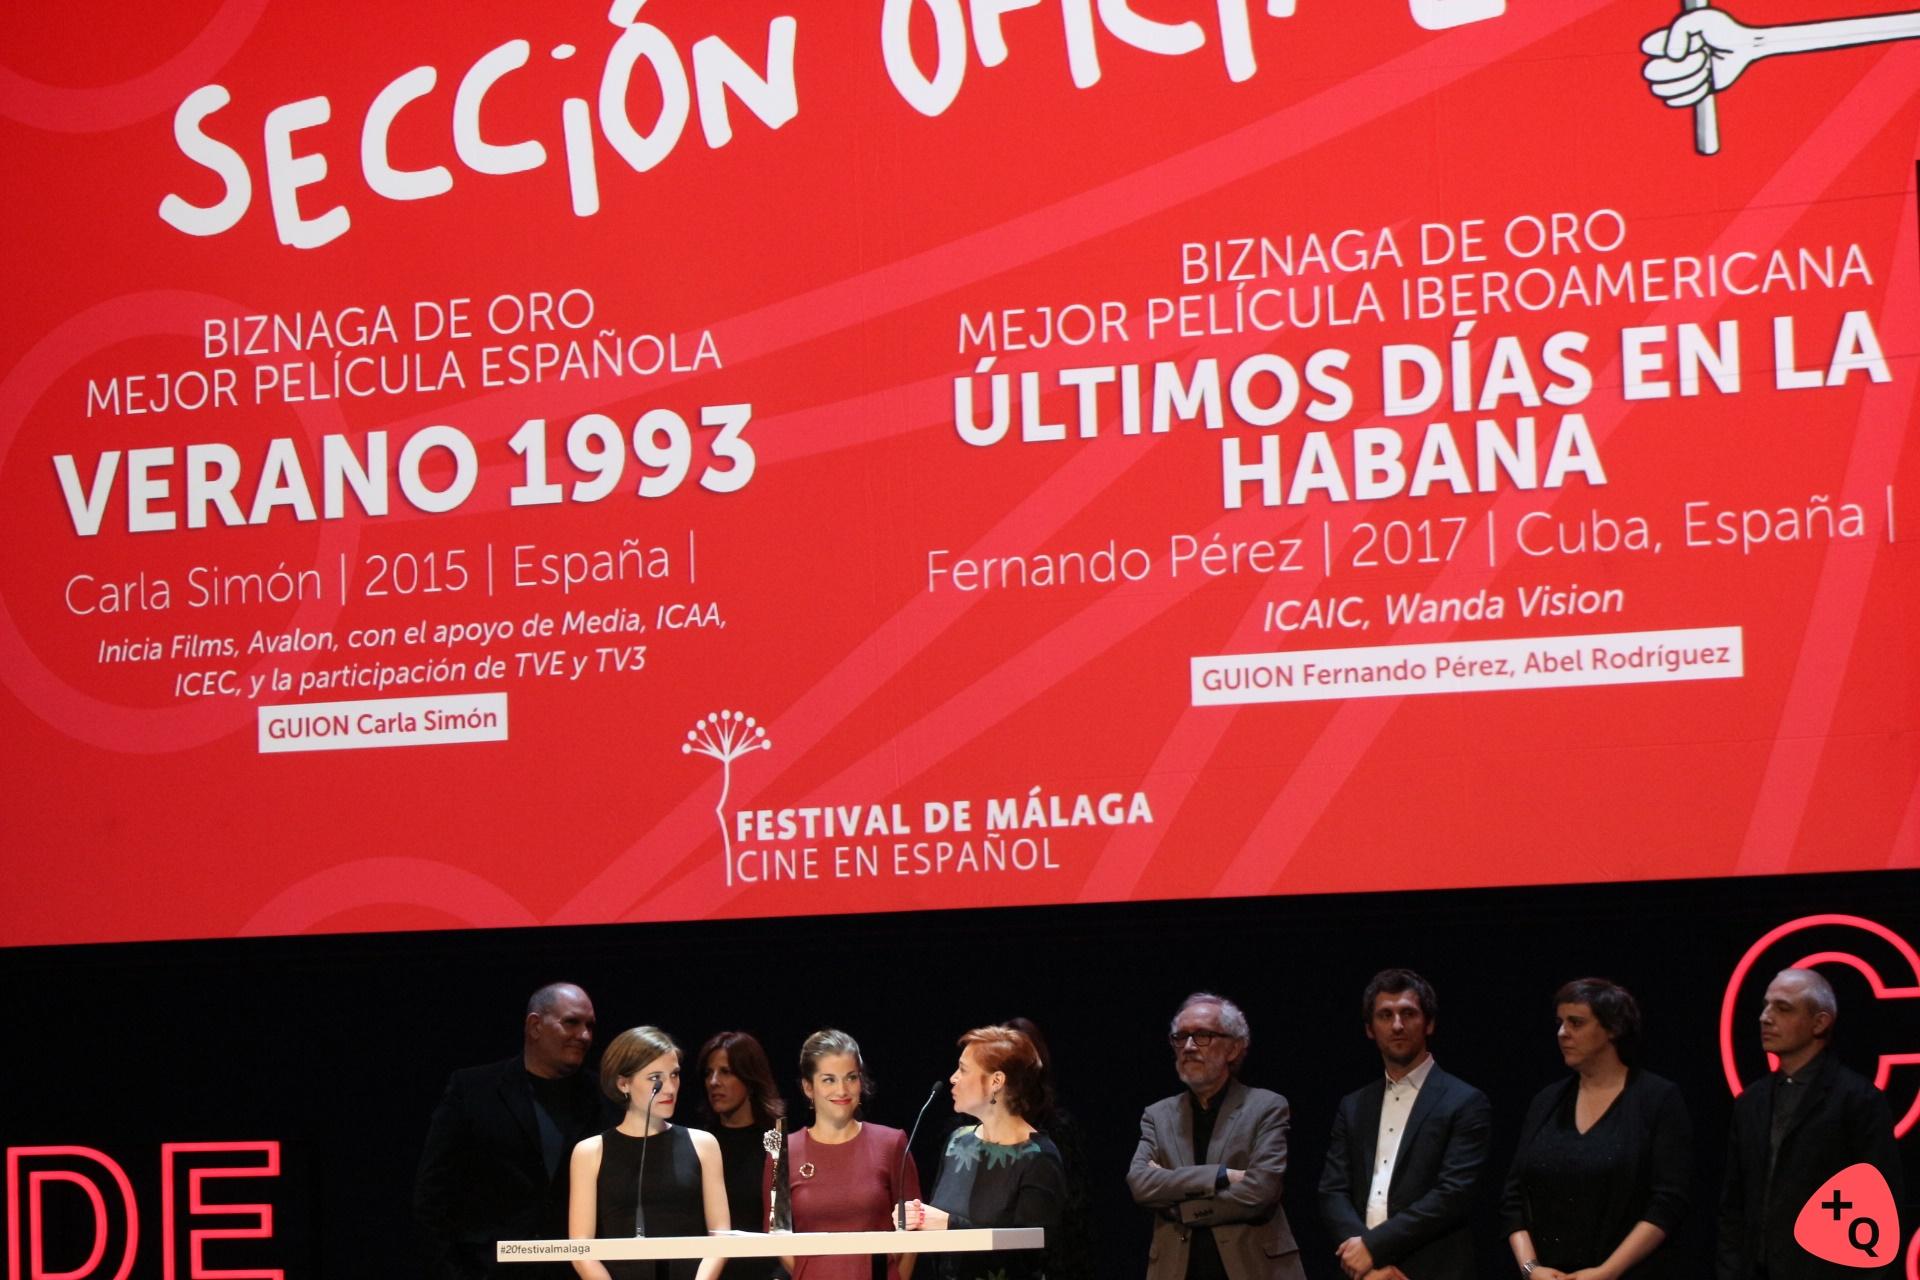 Biznagas de Oro a Mejor película (© 2017 Paloma Martos)